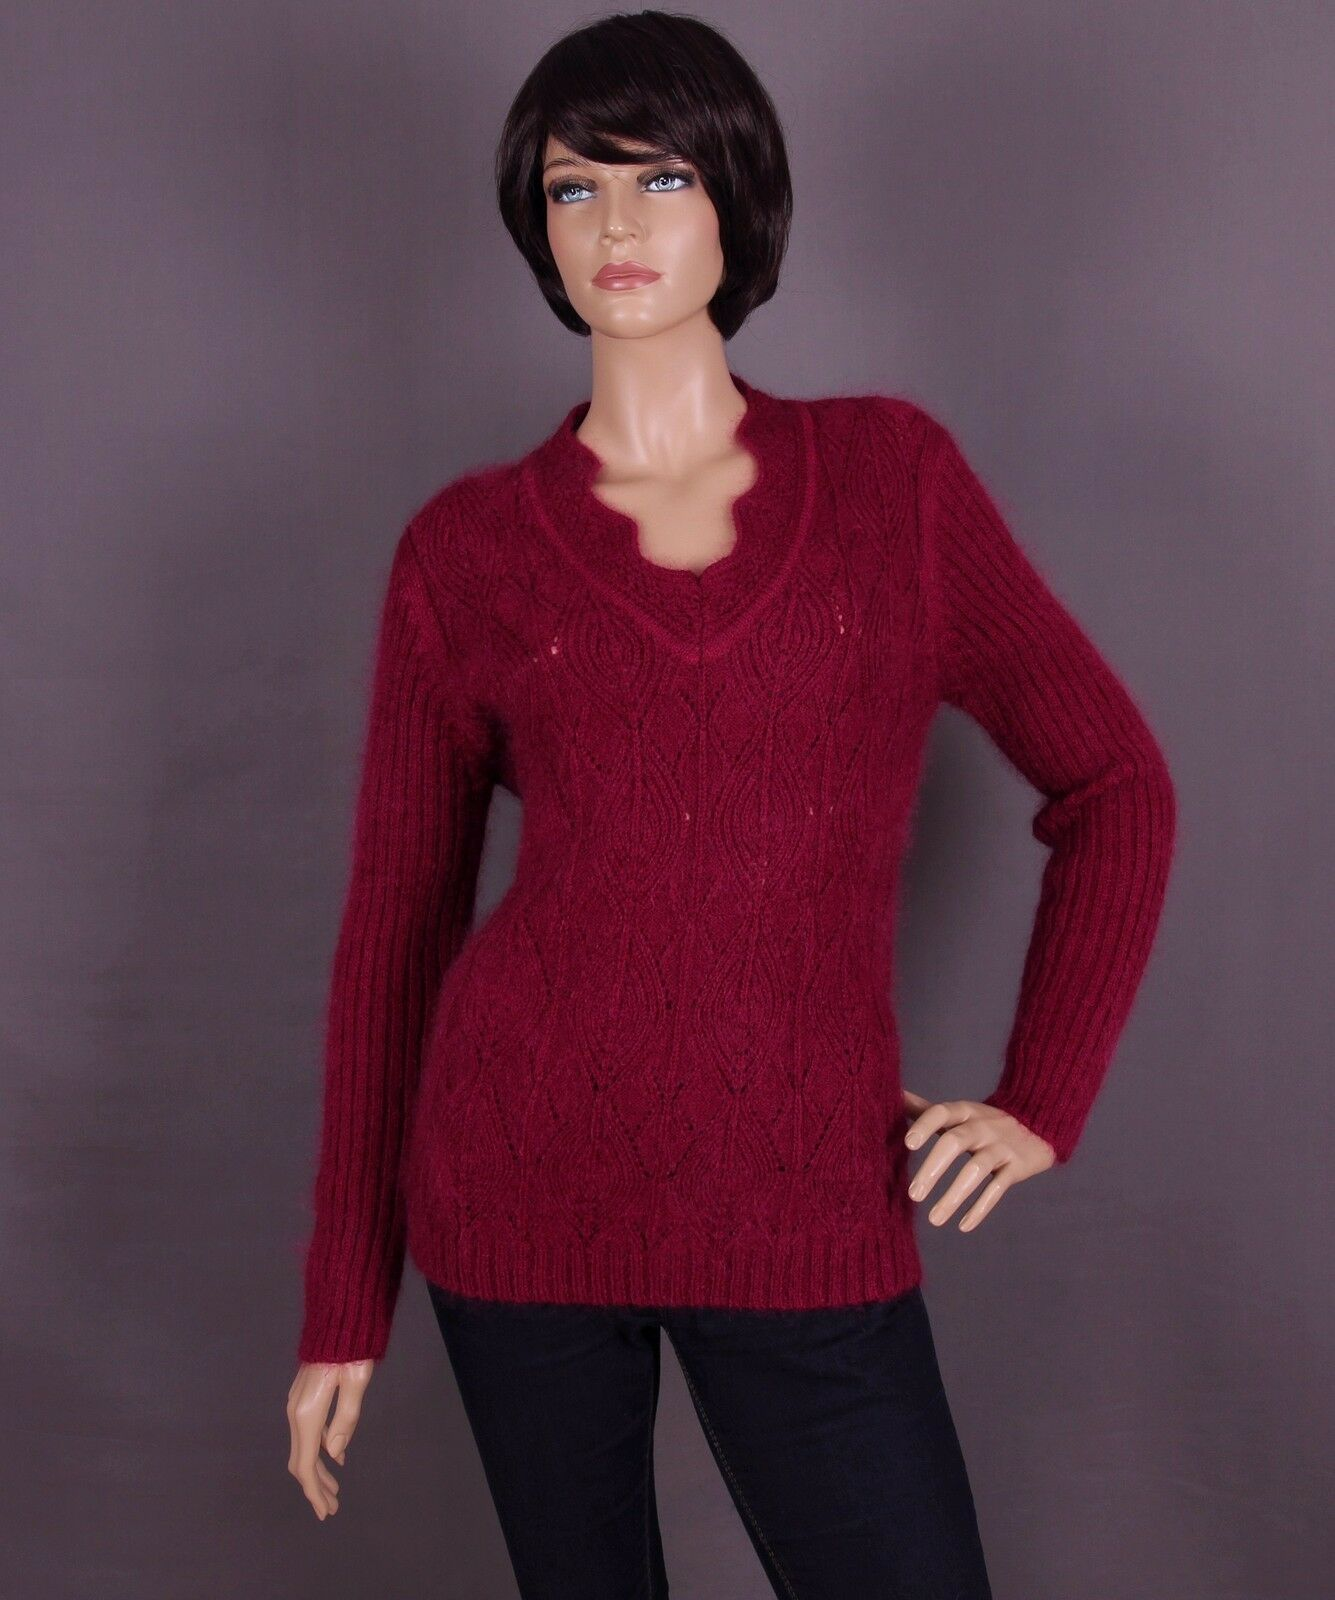 Mohair Damen Pullover, Farbe: bordeaux und Größe: L oder XL (nach Wahl)